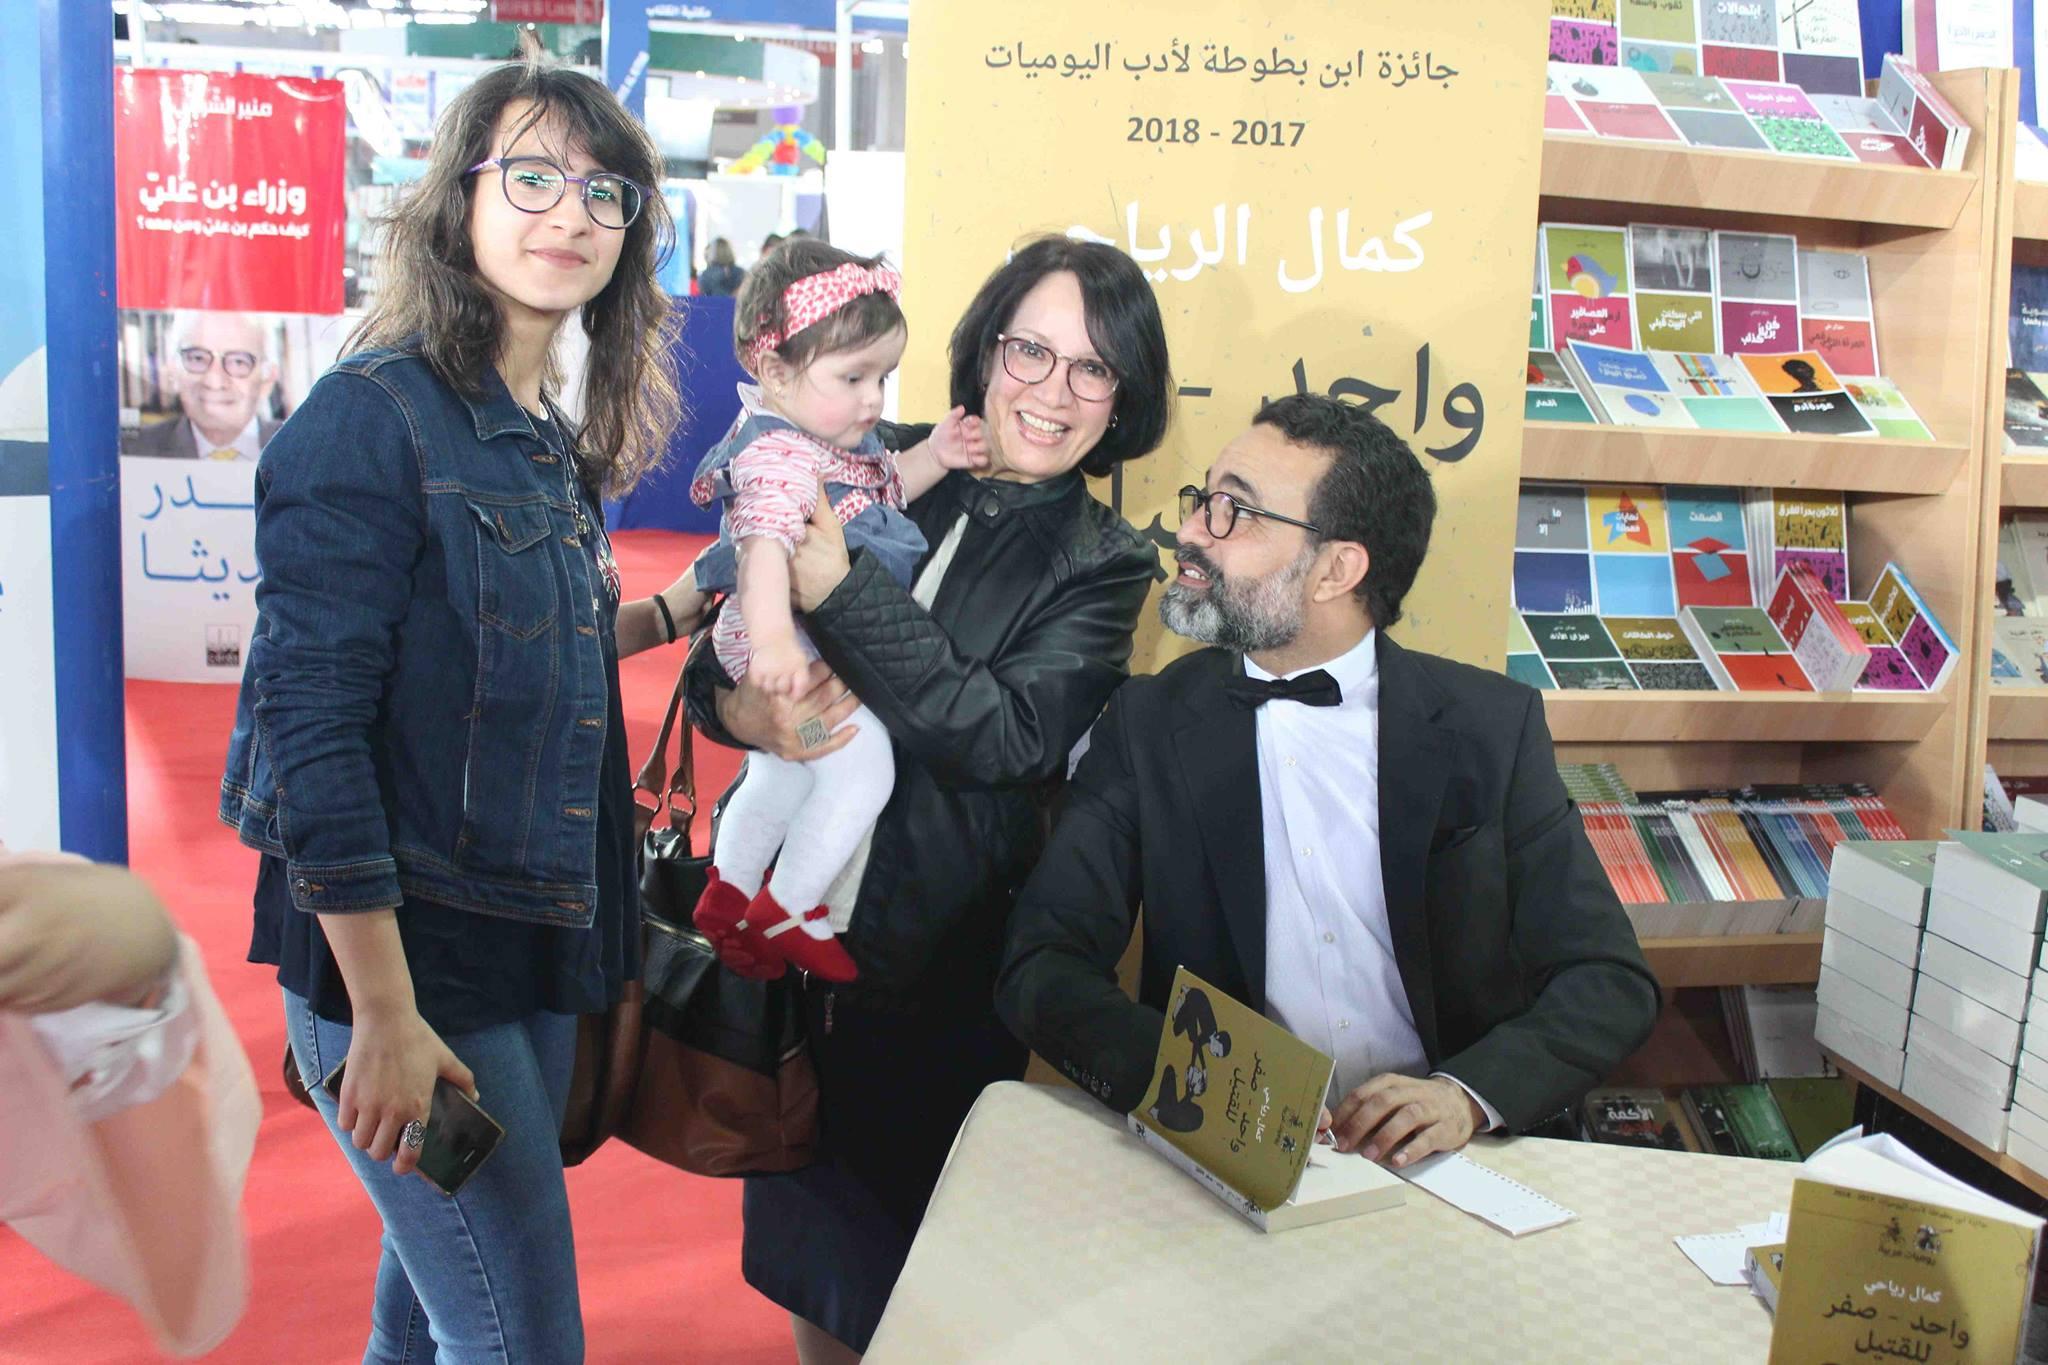 كمال الرياحى يوقع كتابه واحد صفر للقتيل الفائز بجائزة ابن بطوطة فى معرض تونس (15)